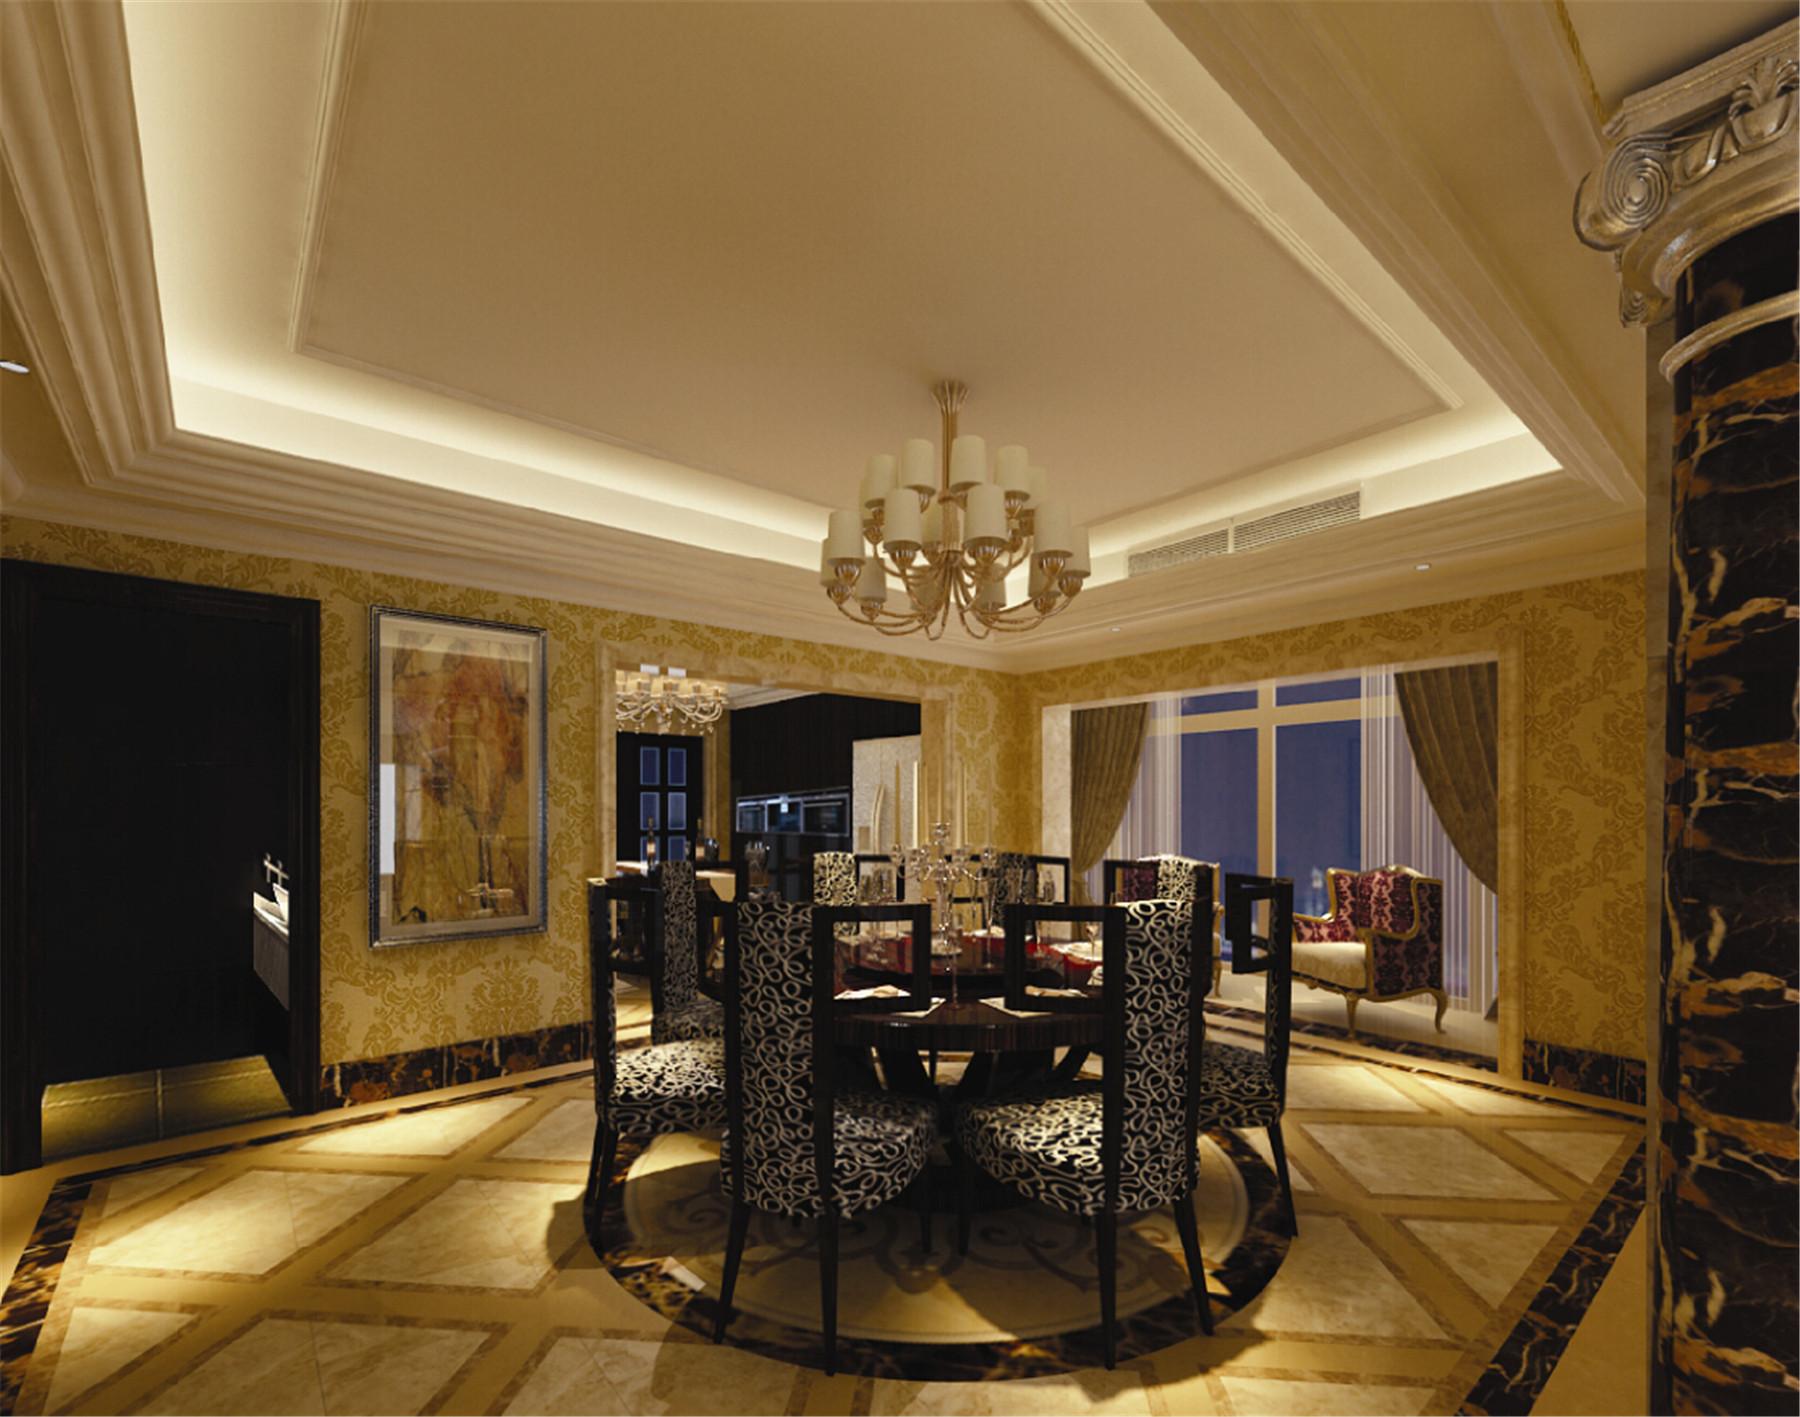 皇都花园 别墅装修 别墅设计 欧式古典 腾龙设计 餐厅图片来自腾龙设计在皇都花园别墅装修欧式风格设计的分享